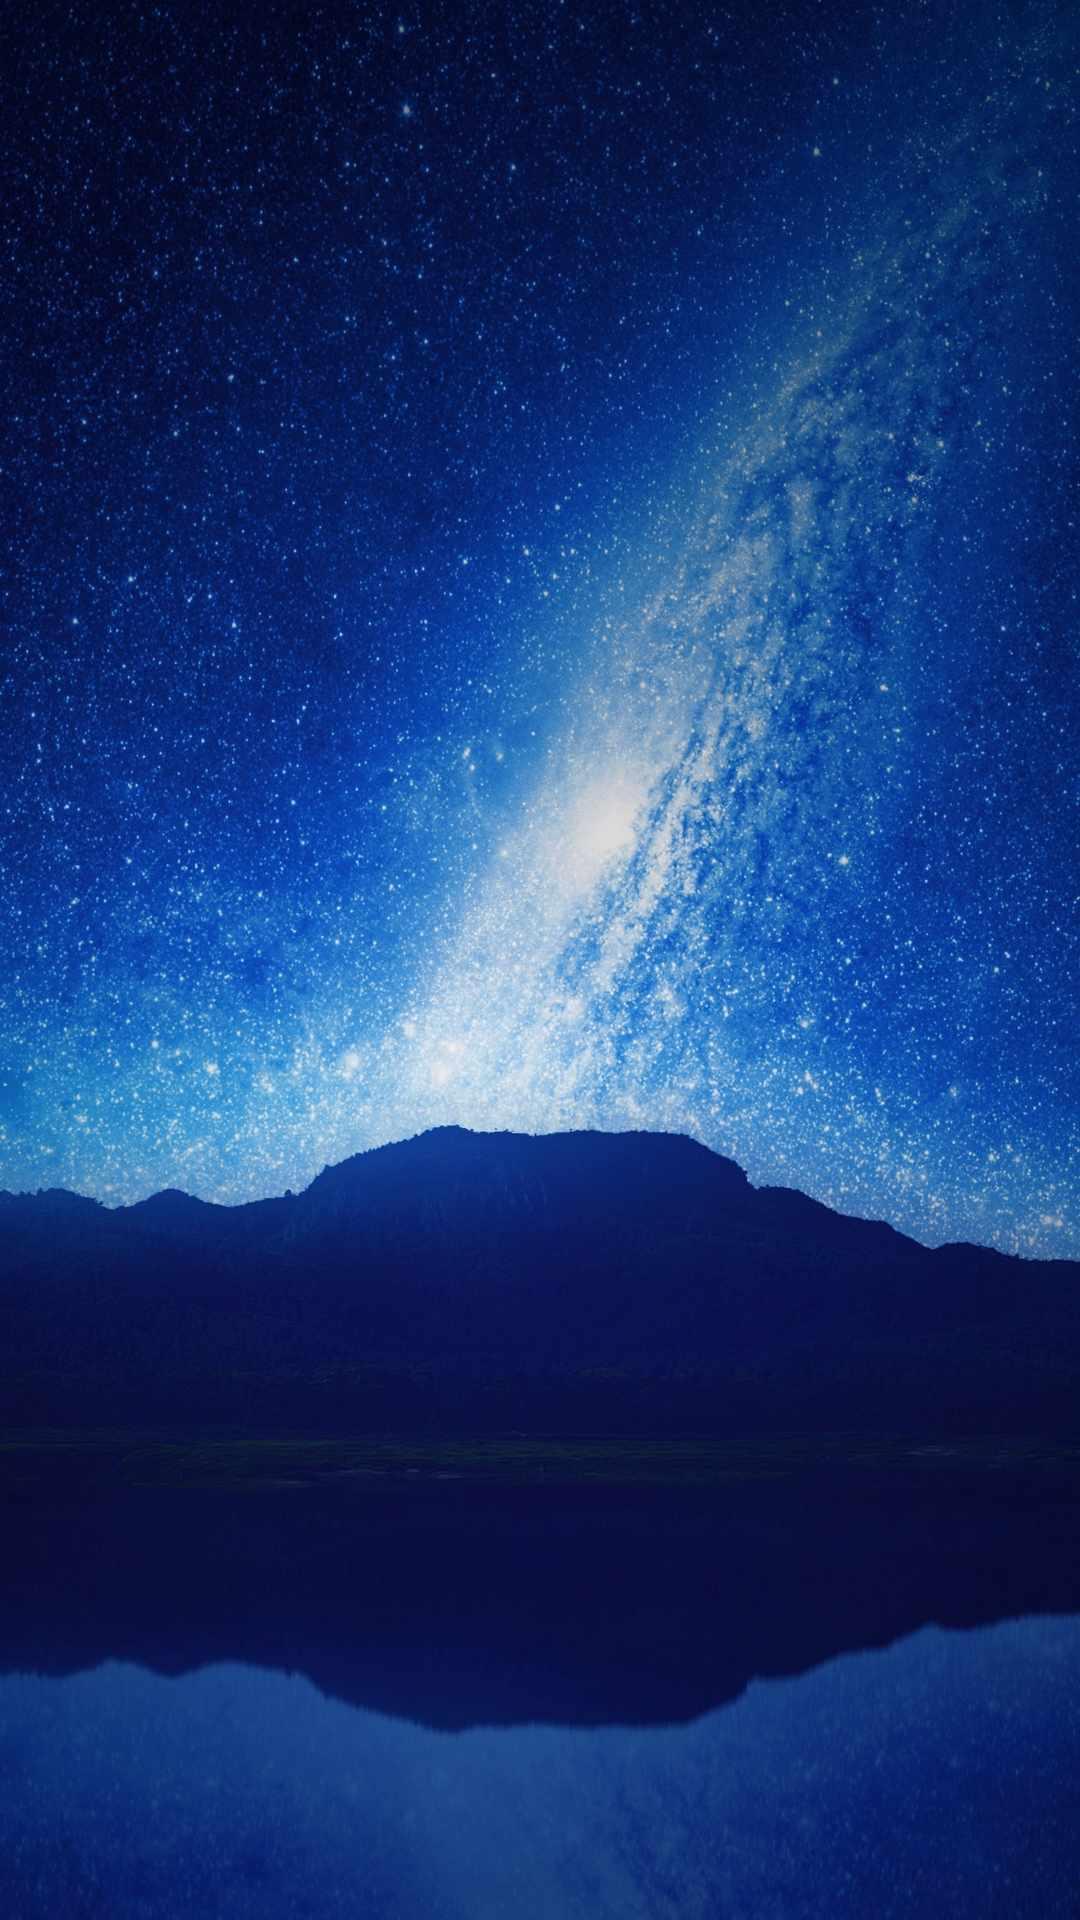 mountains starry sky milky way night 119973 1080x1920 - Pack de Fondos de Pantalla de Montañas